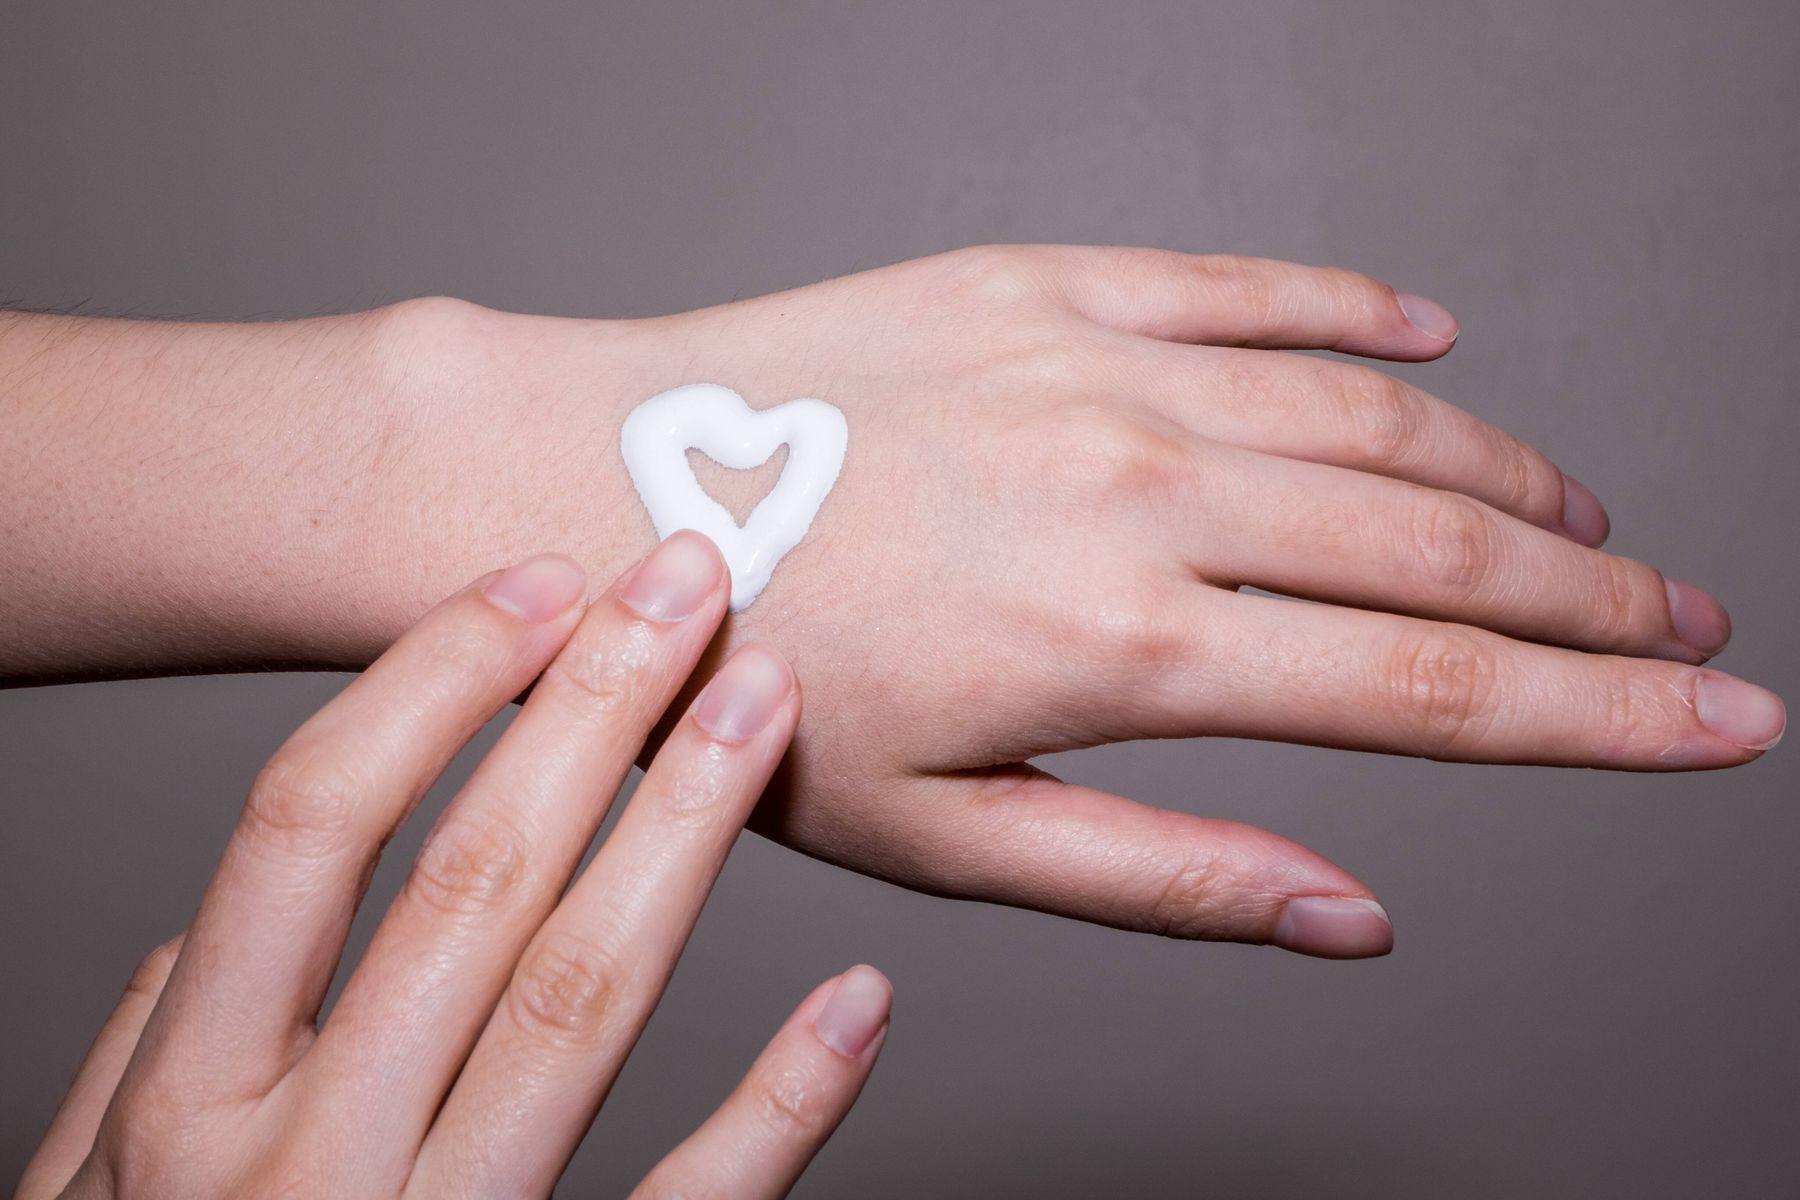 dược liệu dưỡng da tay